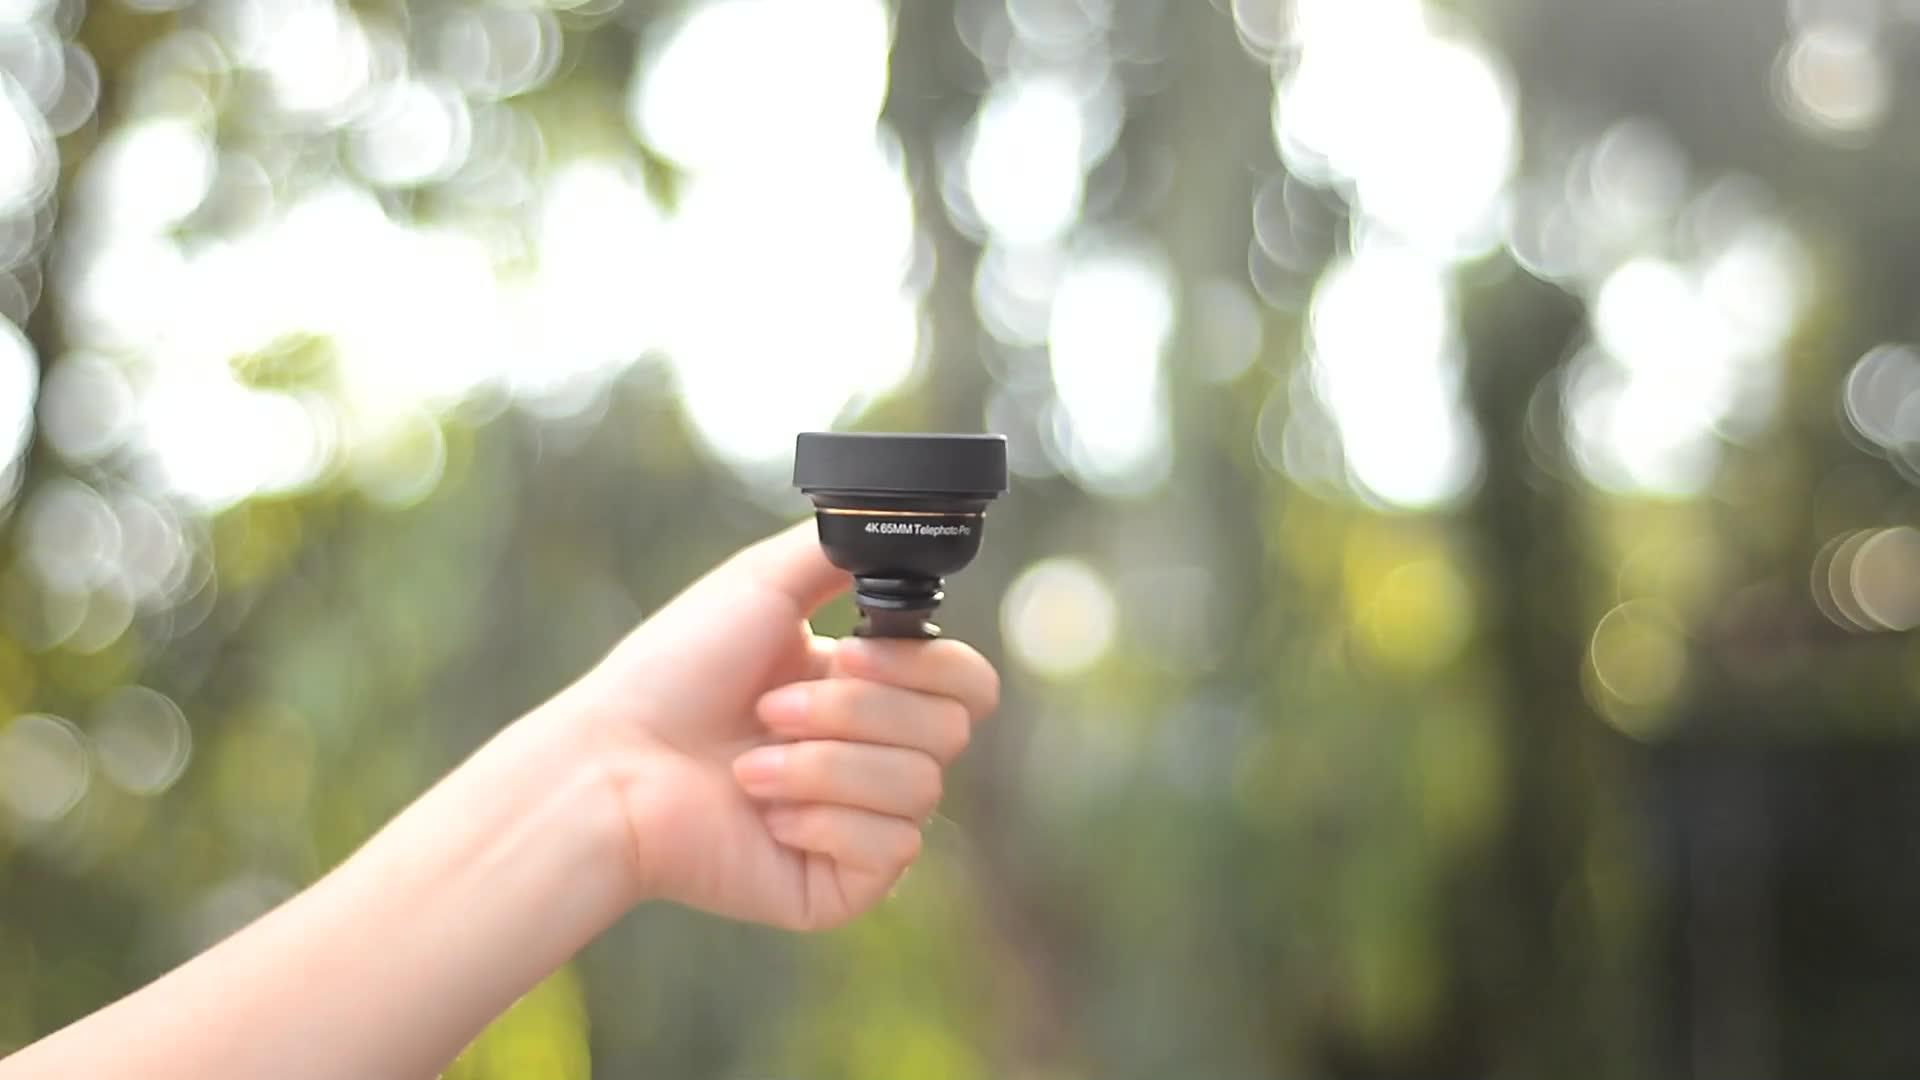 Apexel ブランド 65 ミリメートルプロ新到着モバイル望遠レンズ携帯電話プロポートレート